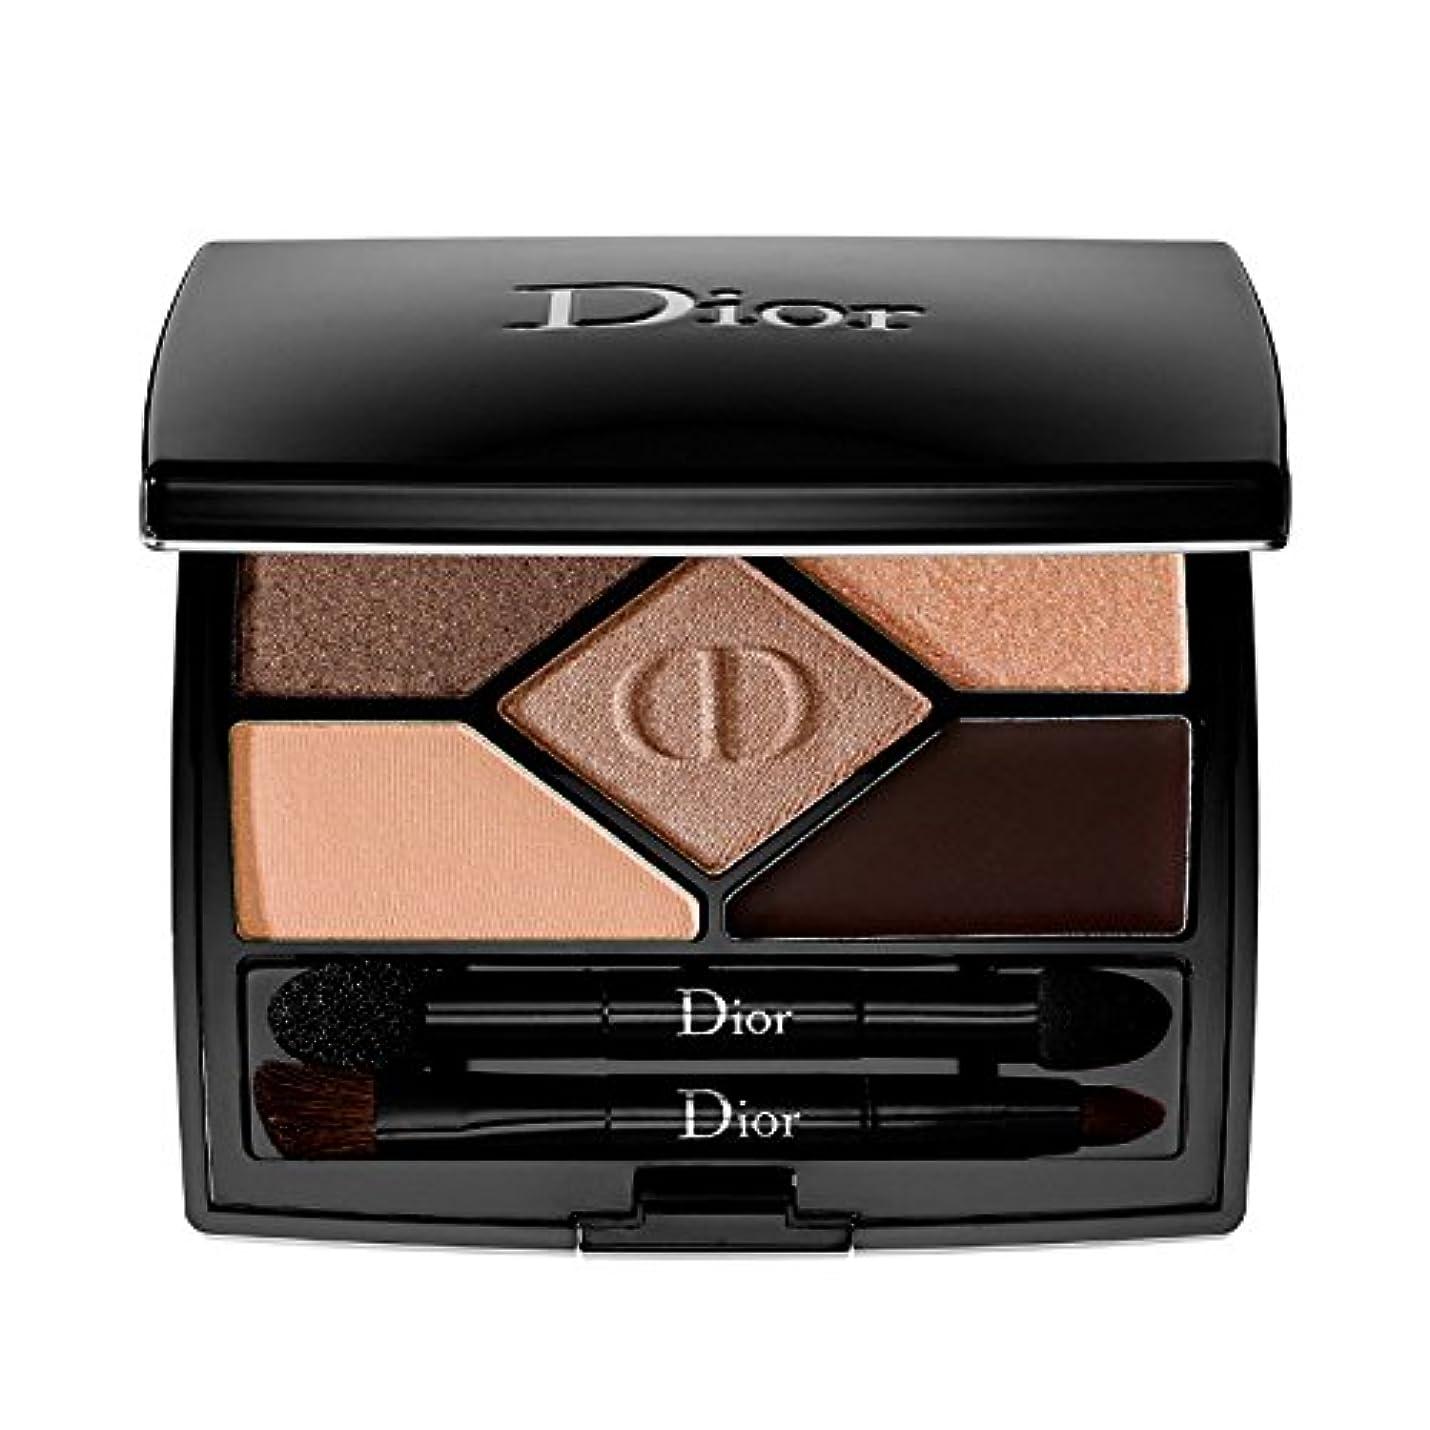 繰り返す玉インドクリスチャン ディオール(Christian Dior) サンク クルール デザイナー #708 アンバー デザイン 5.7g [並行輸入品]